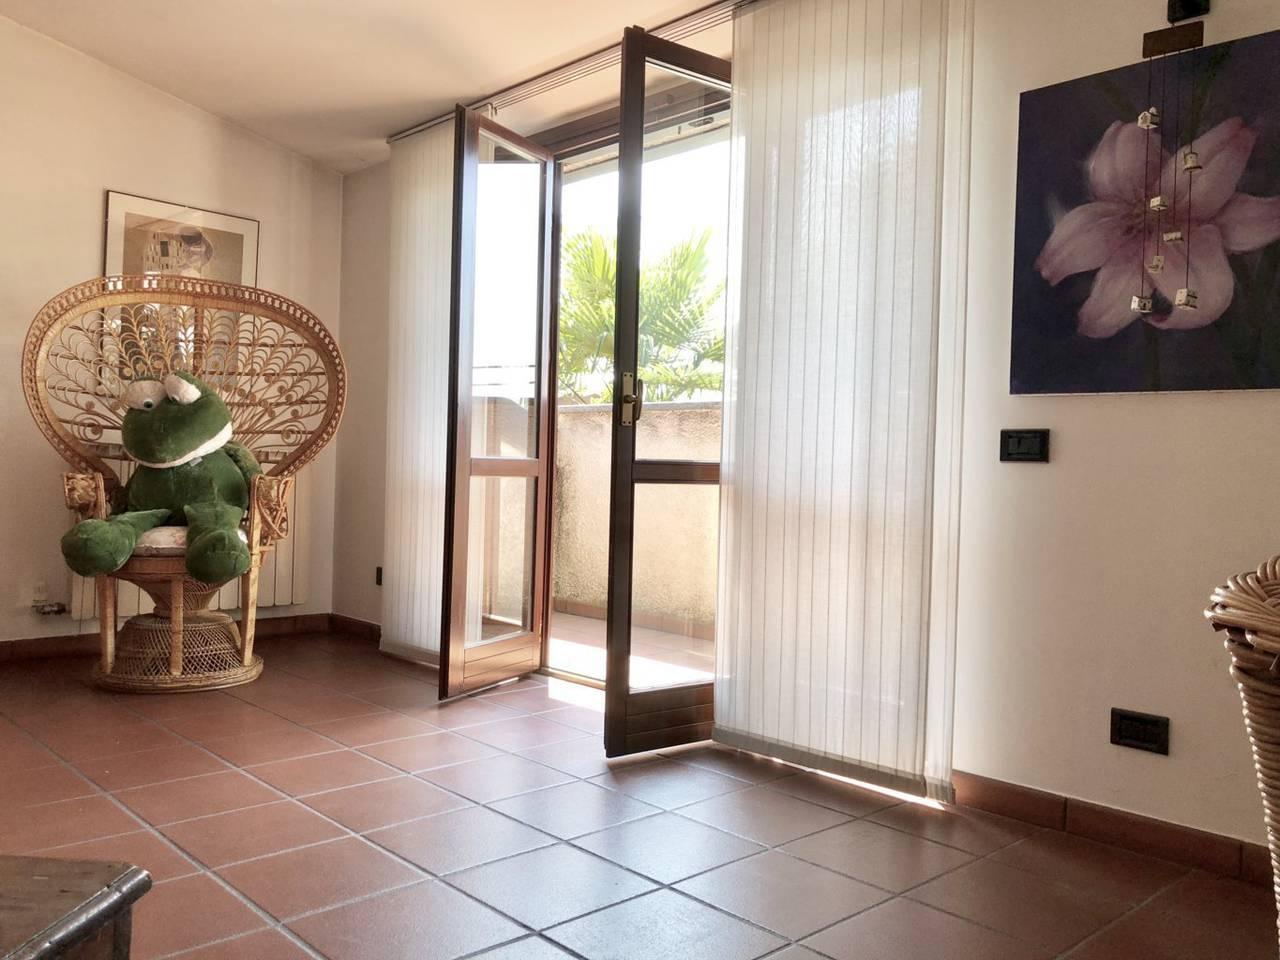 Villa-in-vendita-a-Caronno-Pertusella-17